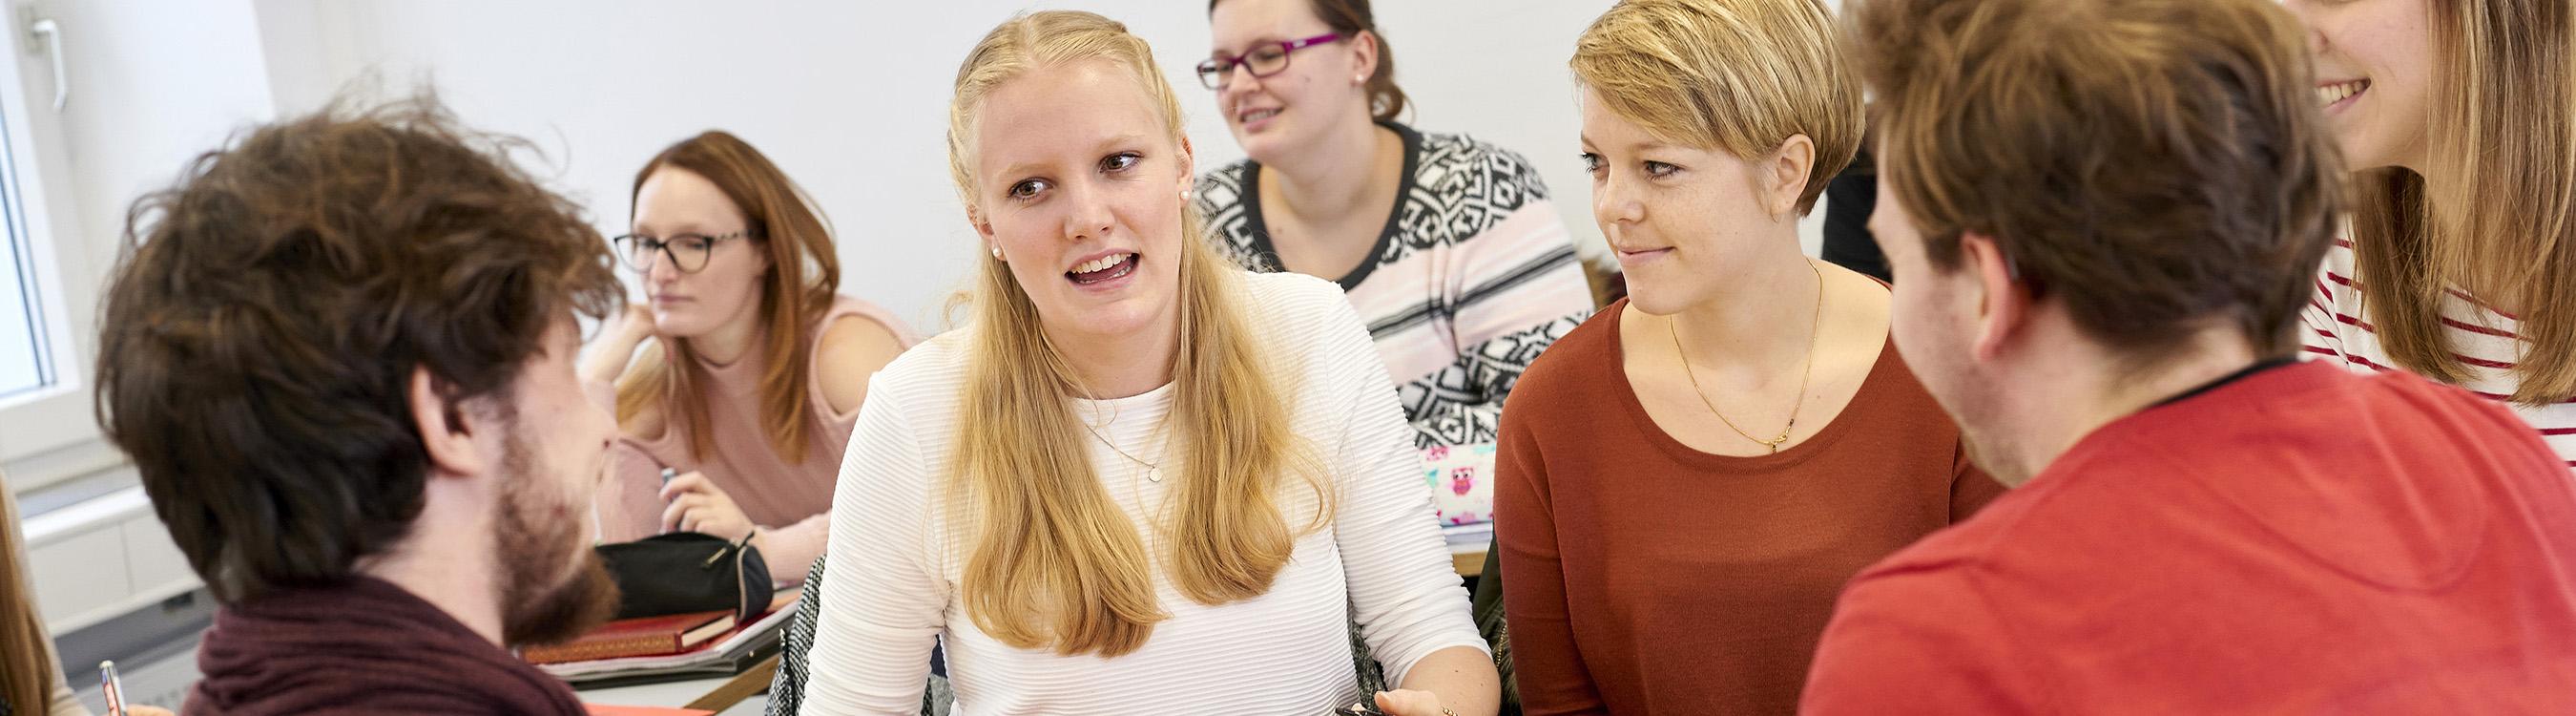 Was kann man in Coburg studieren? Was bietet die Hochschule als Studienort? Wo kannst Du uns kennenlernen?